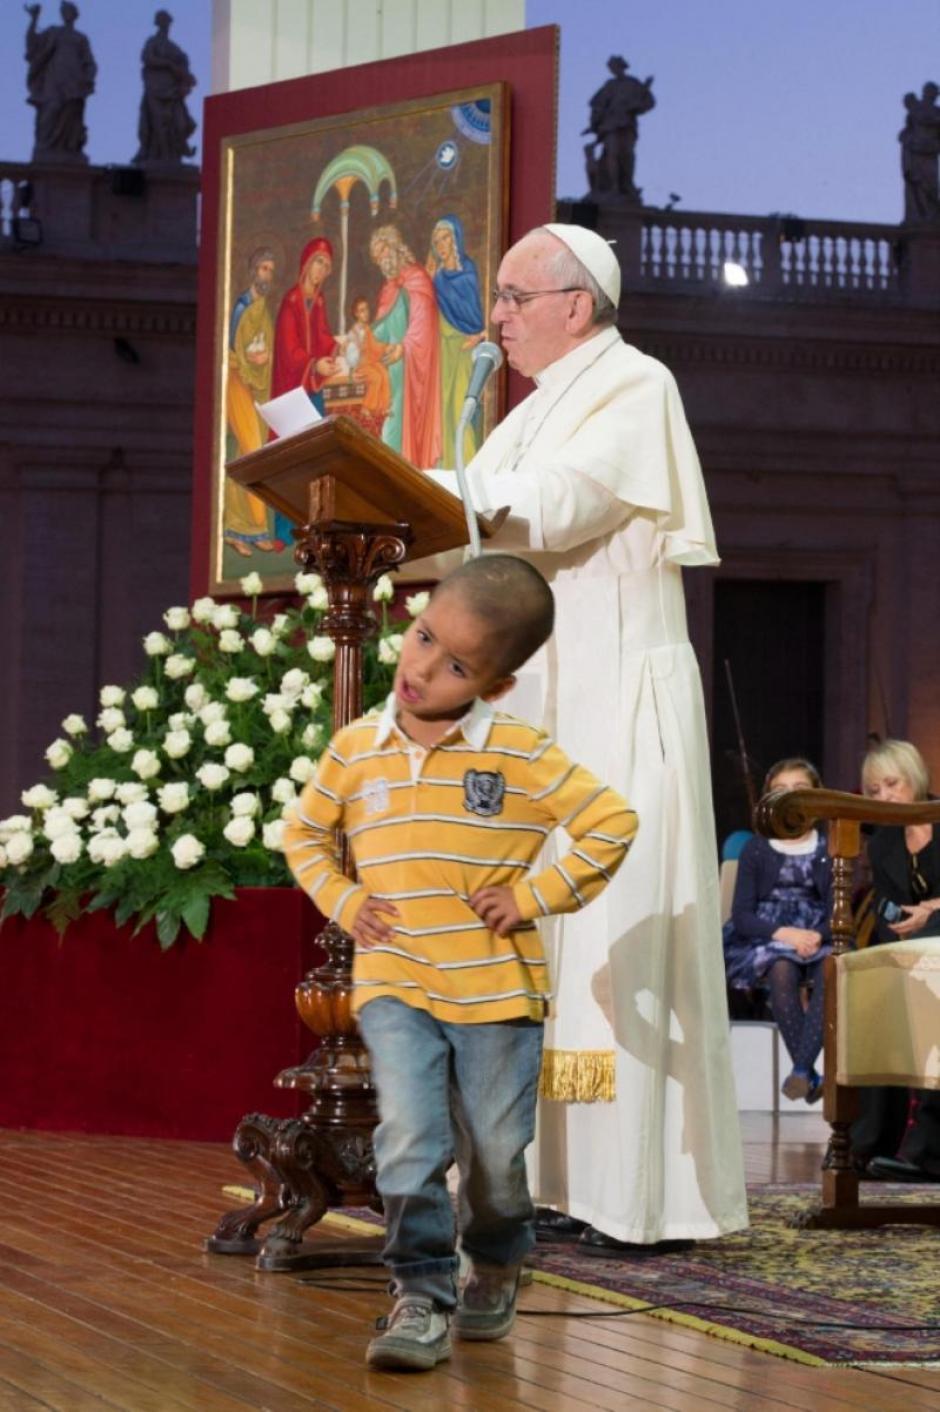 El papa dejó que un pequeño niño subiera hasta donde él estaba y se robara el show durante una misa multitudinaria. (Foto: EFE)